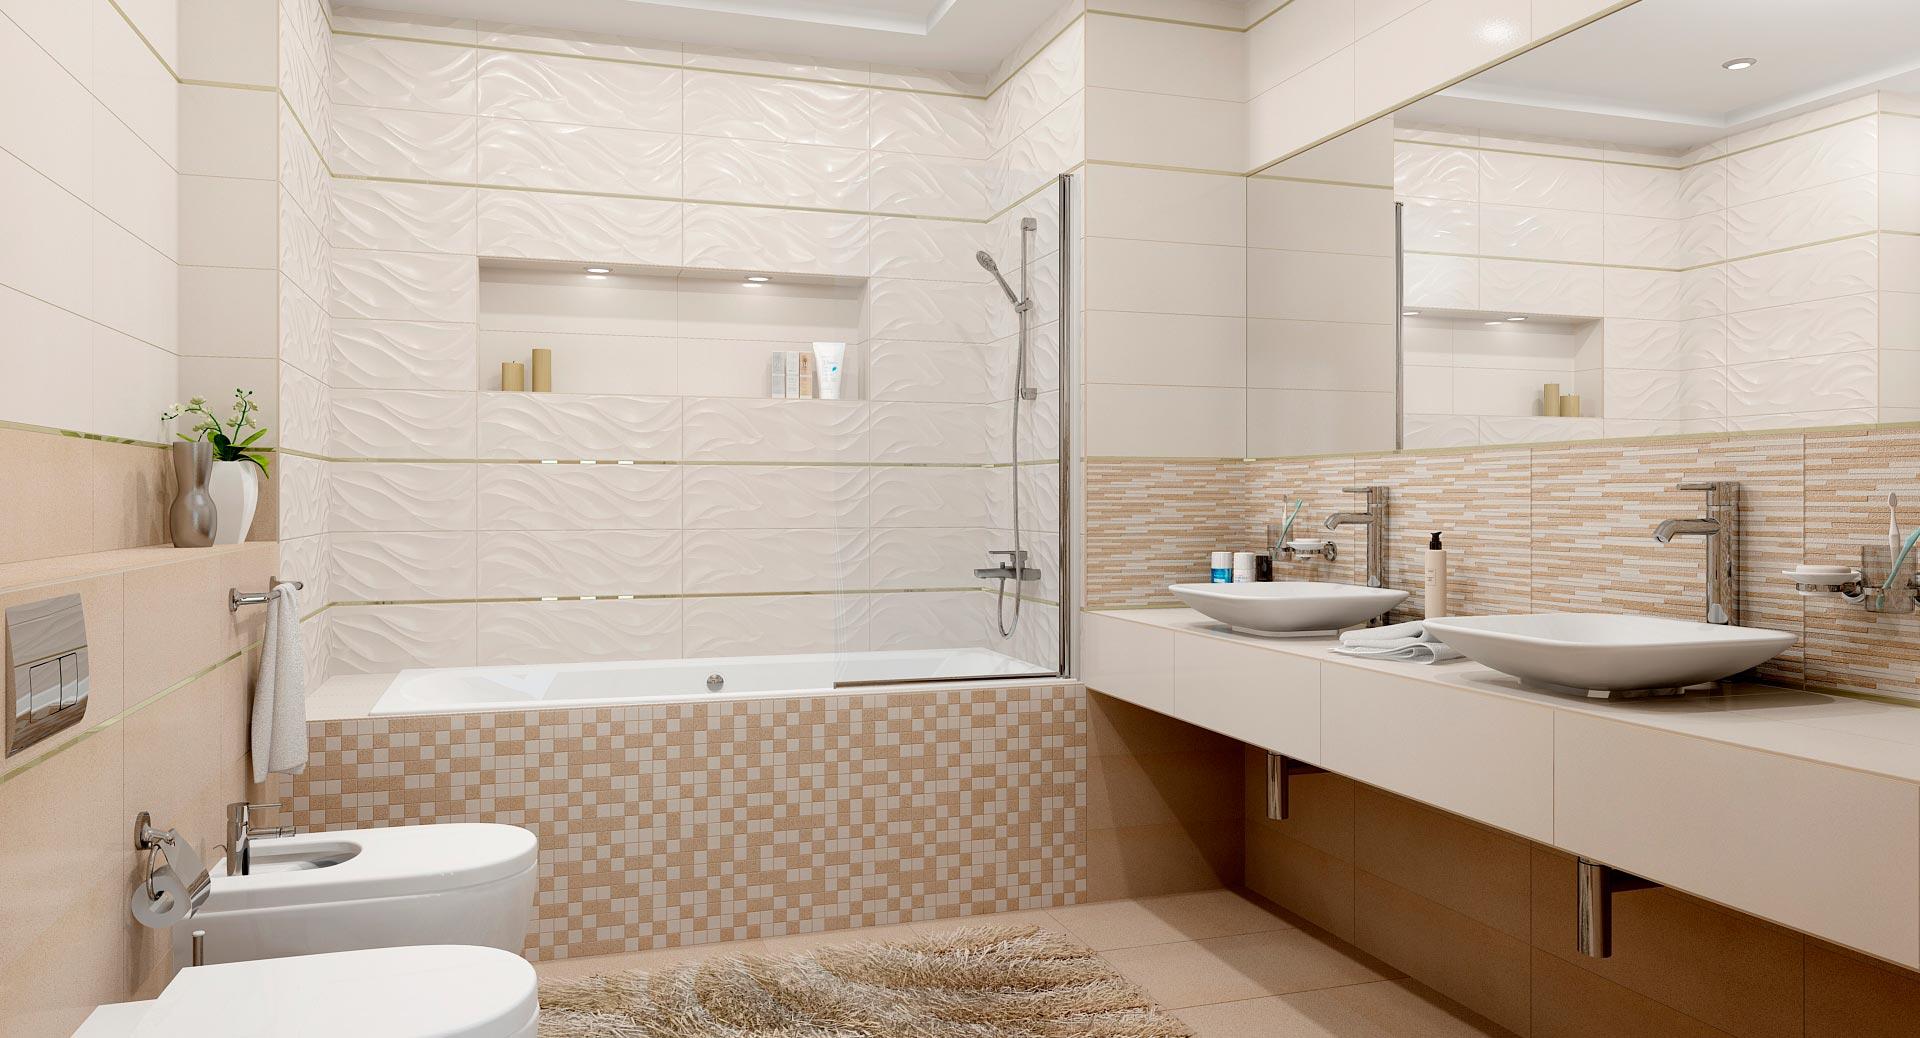 Классическое сочетание белой и бежевой плиток в ванной